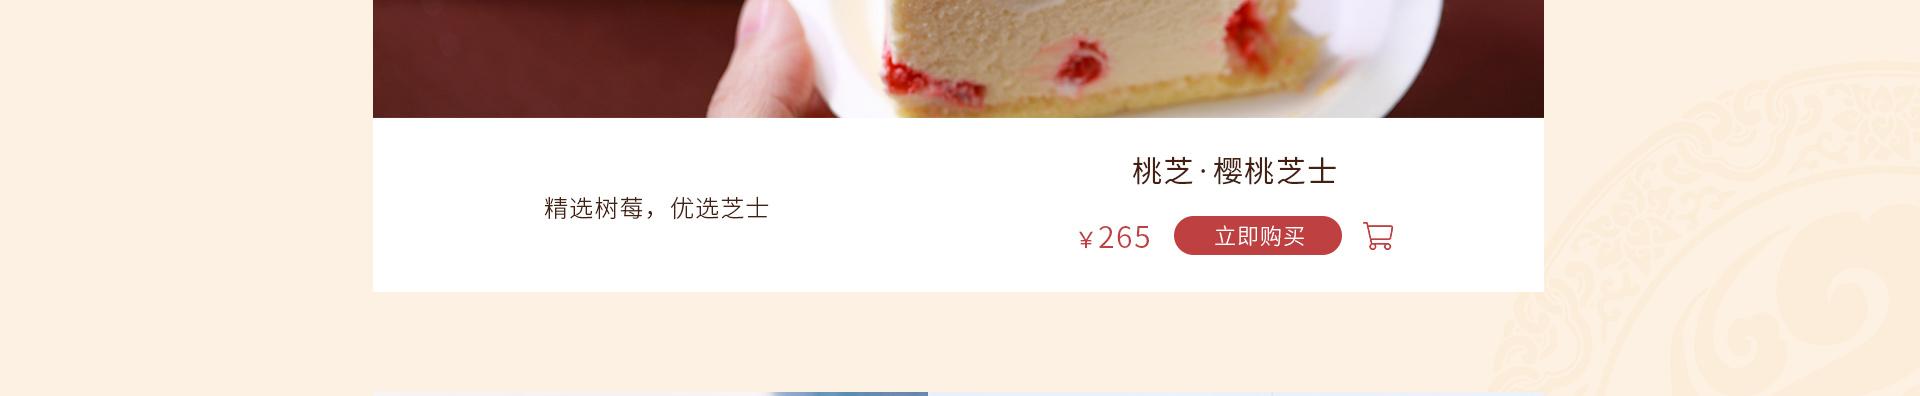 桃芝|樱桃芝士蛋糕 订购